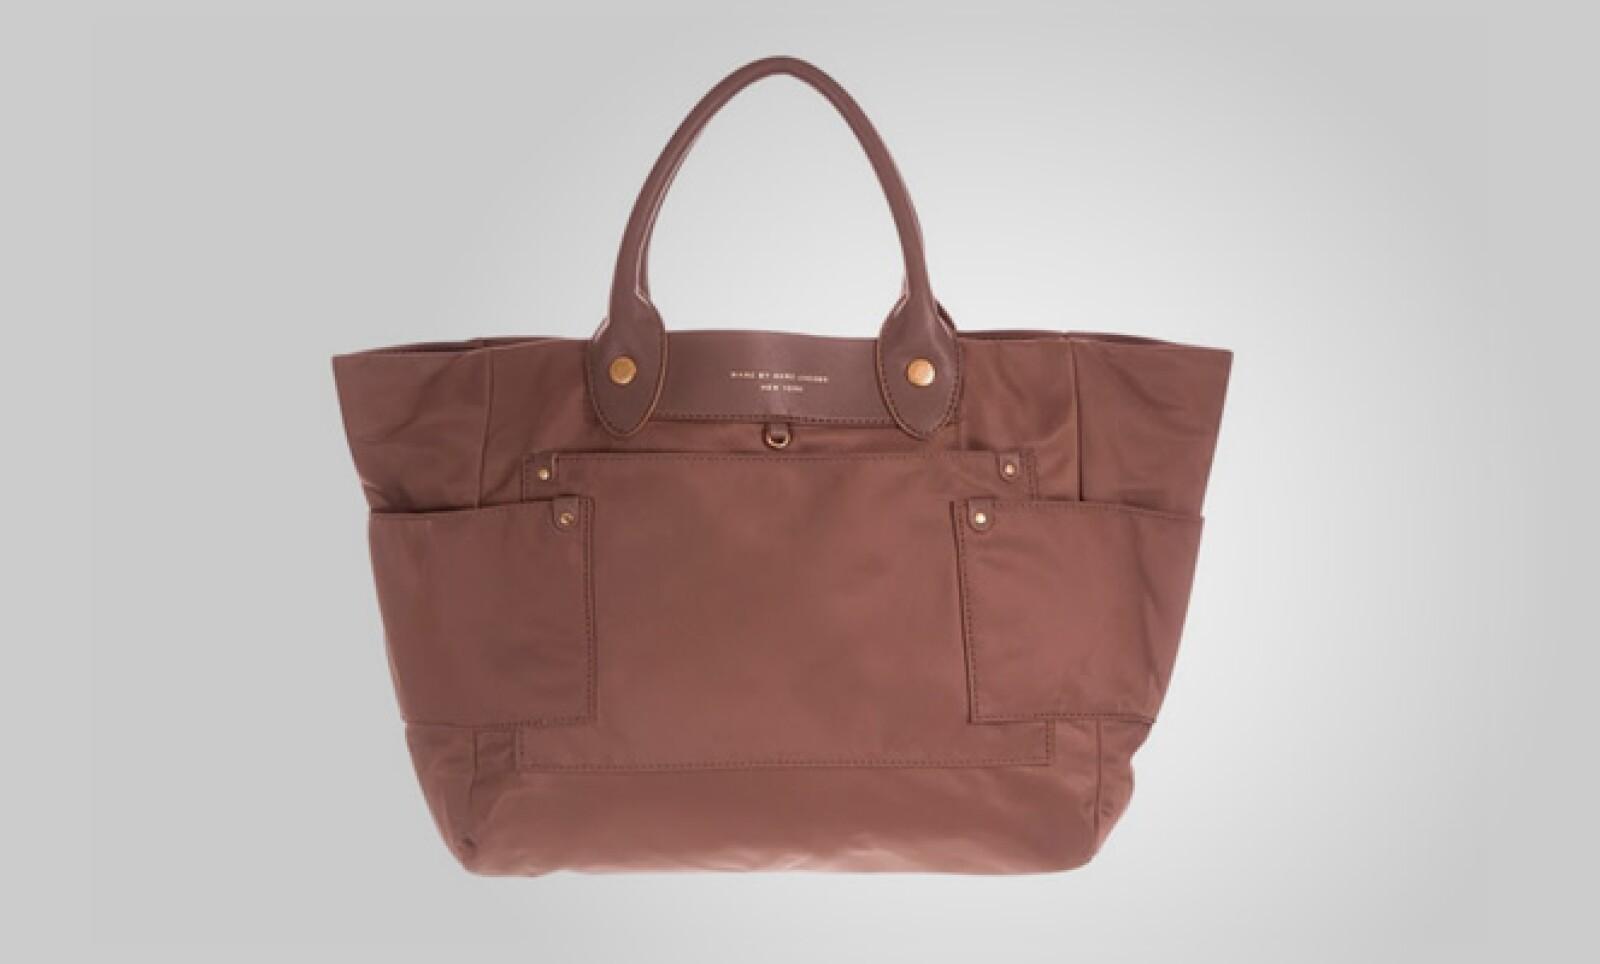 Marc también propone un estilo de bolsa con forma de trapecio y fabricada en piel, para combinar con tu 'outfit'.